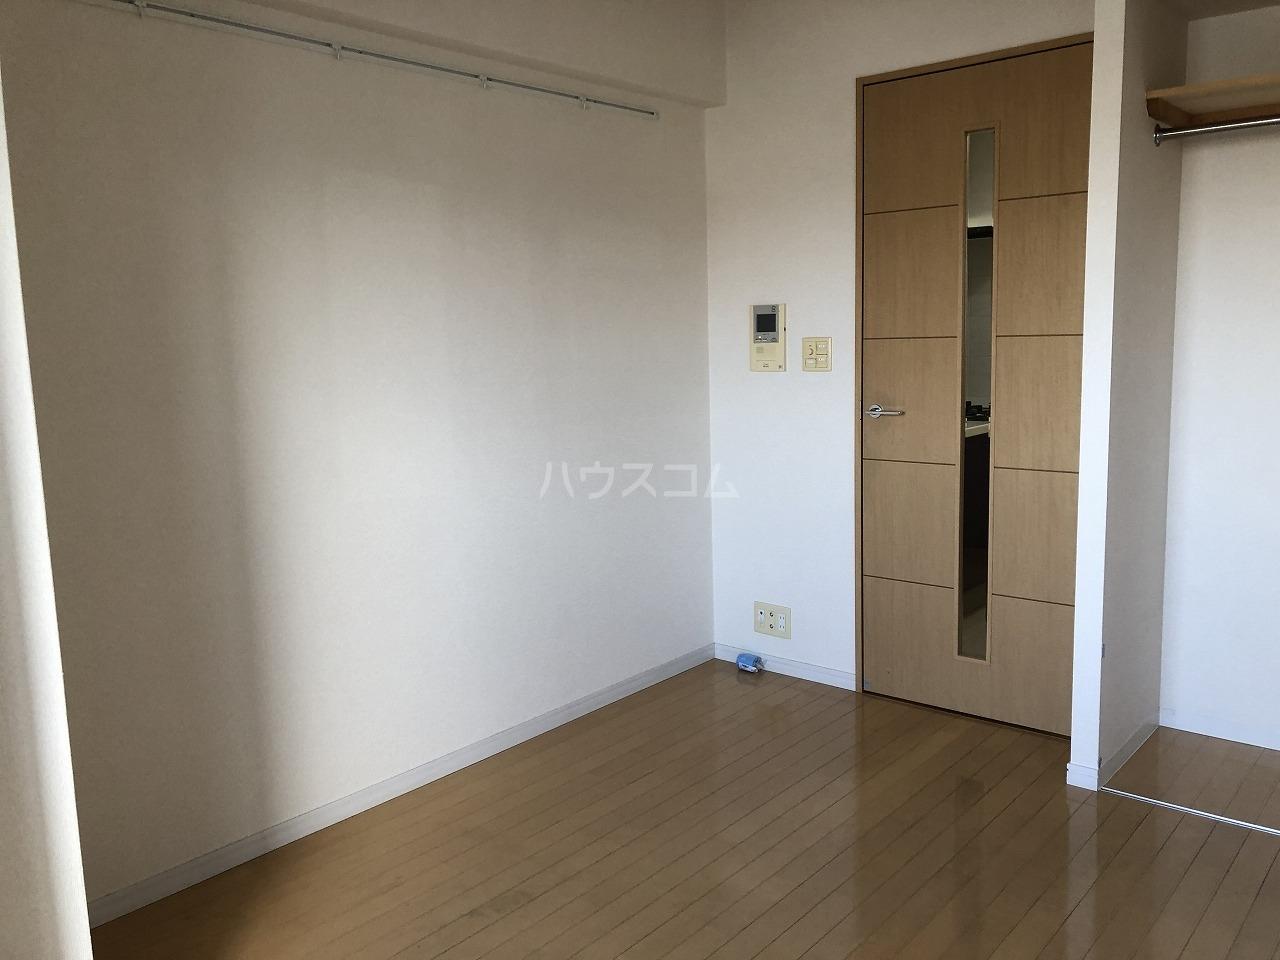 HF早稲田レジデンス 1103号室のリビング